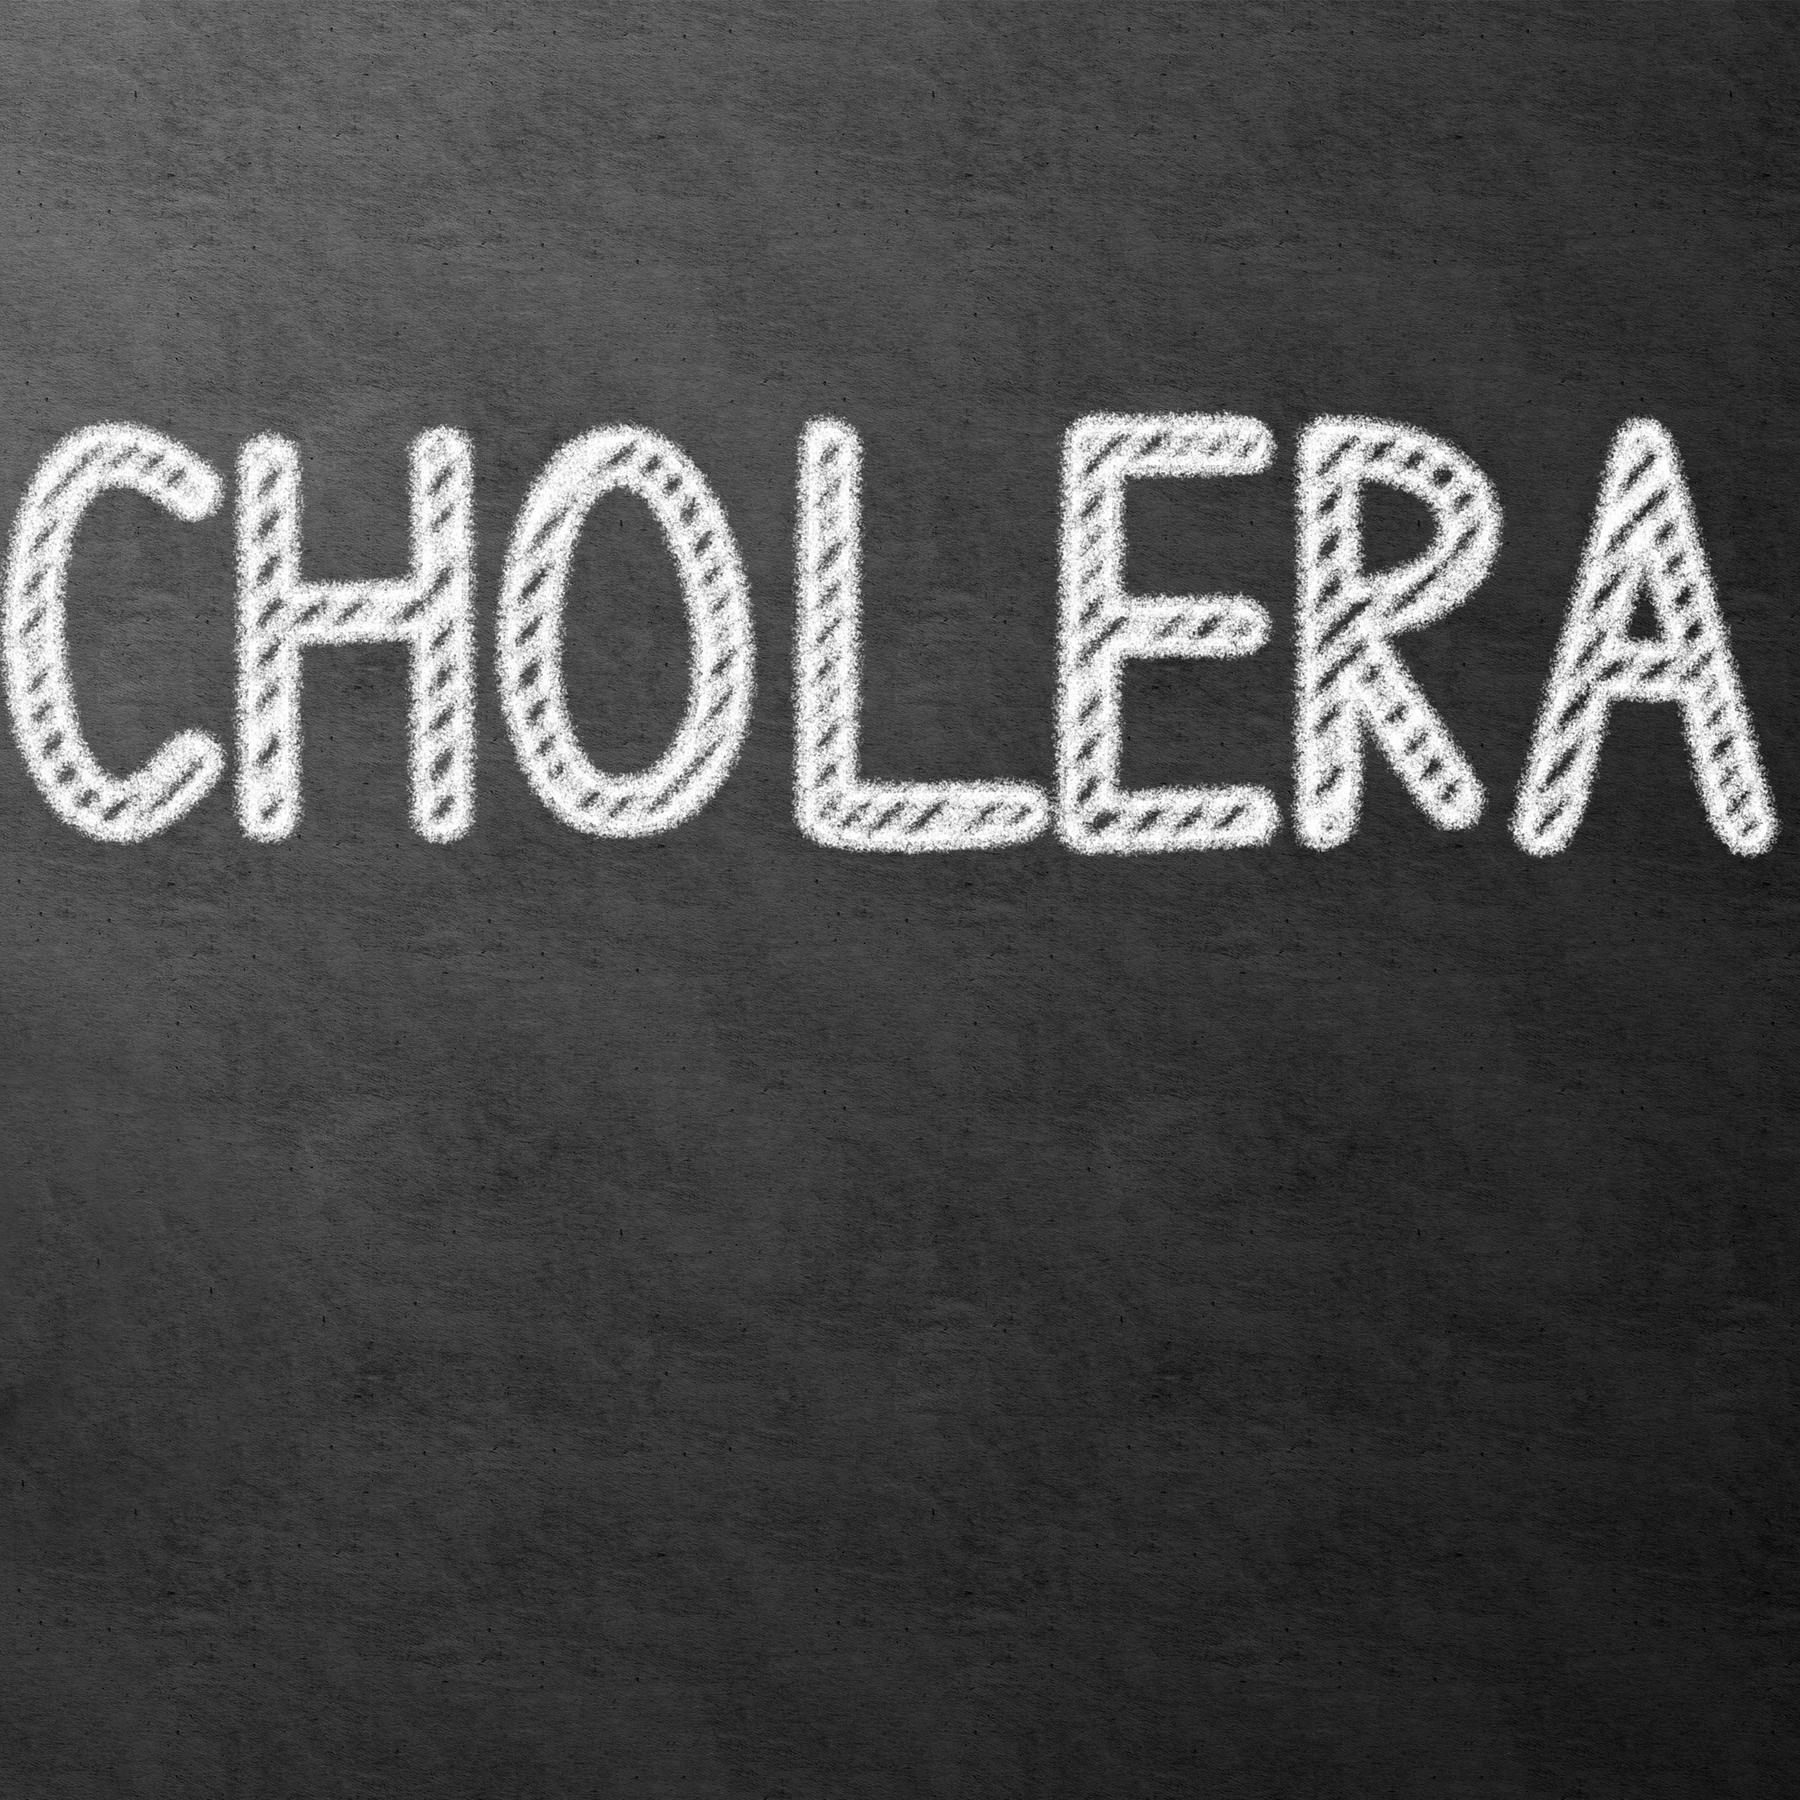 Die Cholera in Bayern - Eine Pandemie des 19. Jahrhunderts